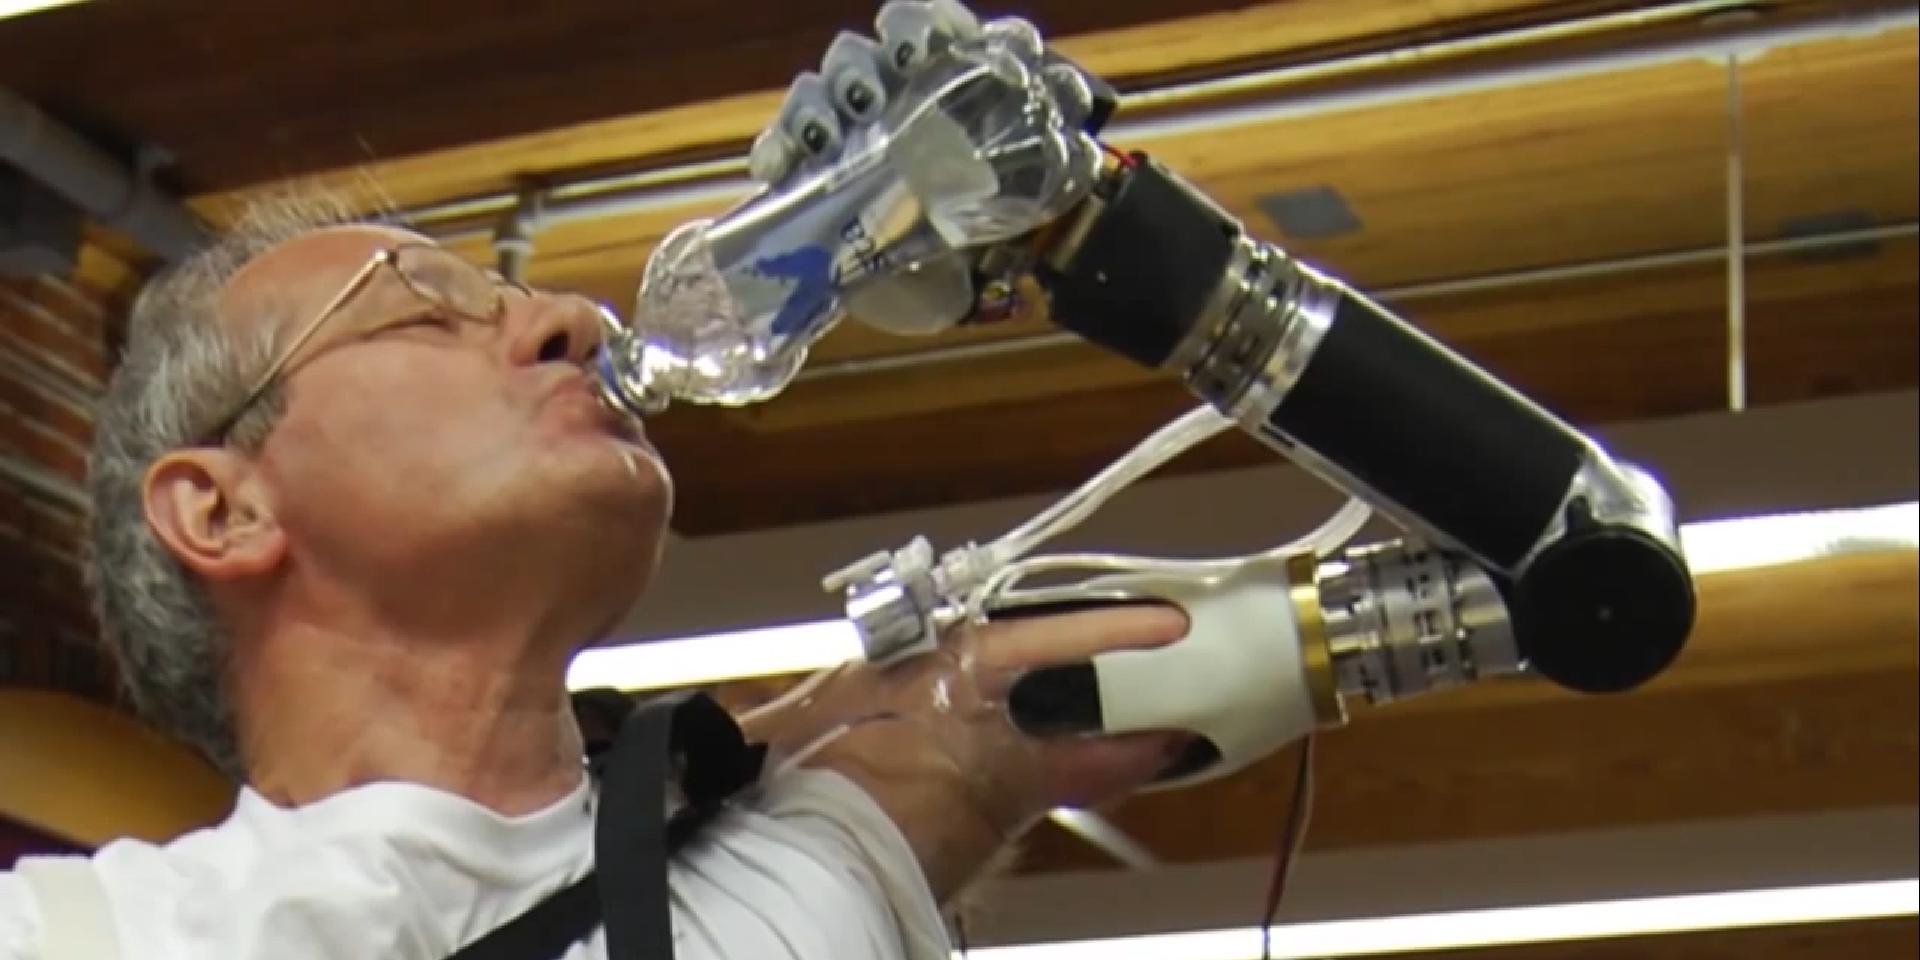 Keven Walgamott dobio novu mehaničku ruku koju može pomjerati mislima